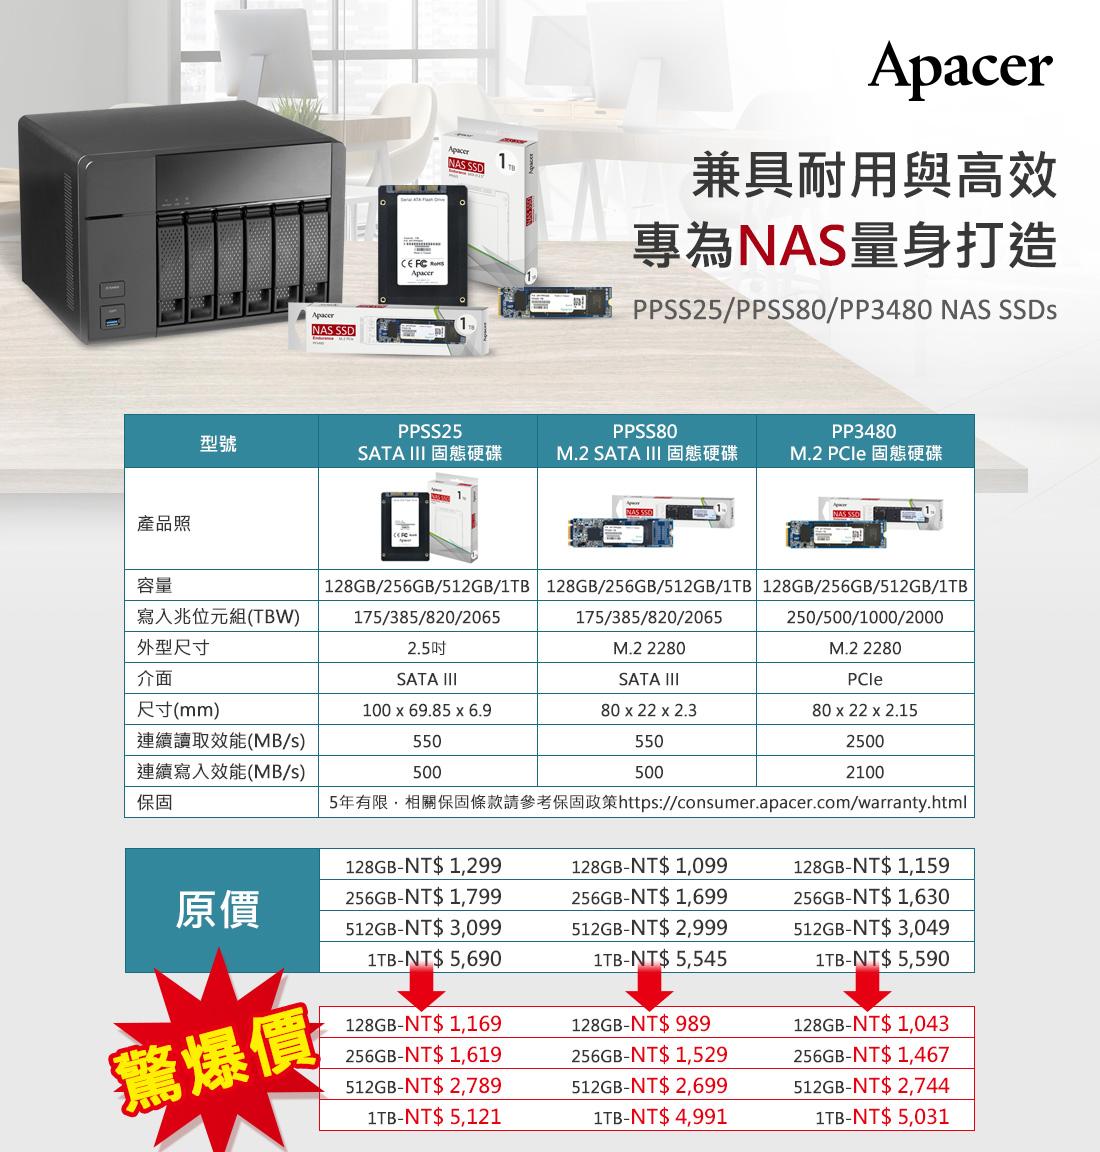 Apacer-兼具耐用與高效,專為NAS量身打造